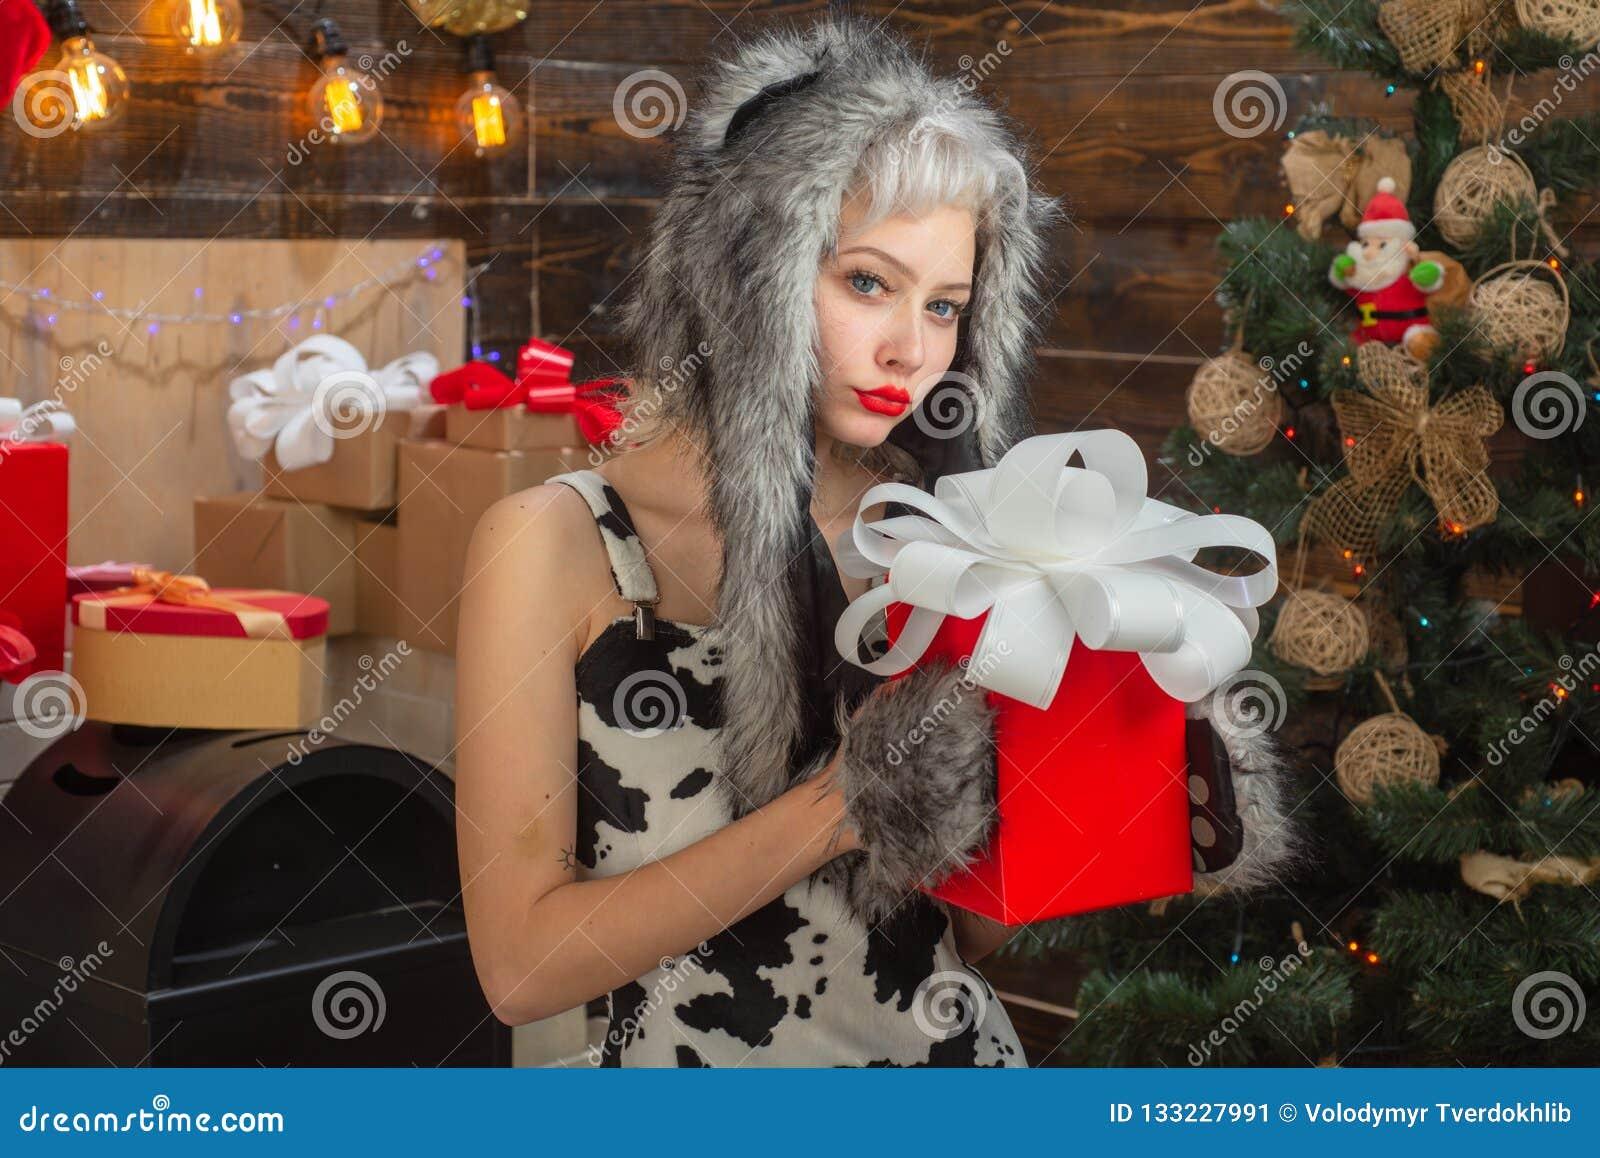 Huisvakantie Hulst heel swag Kerstmis en noel De gift van het nieuwjaar De jonge vrouw knipoogt Grappig meisje in het kostuum van